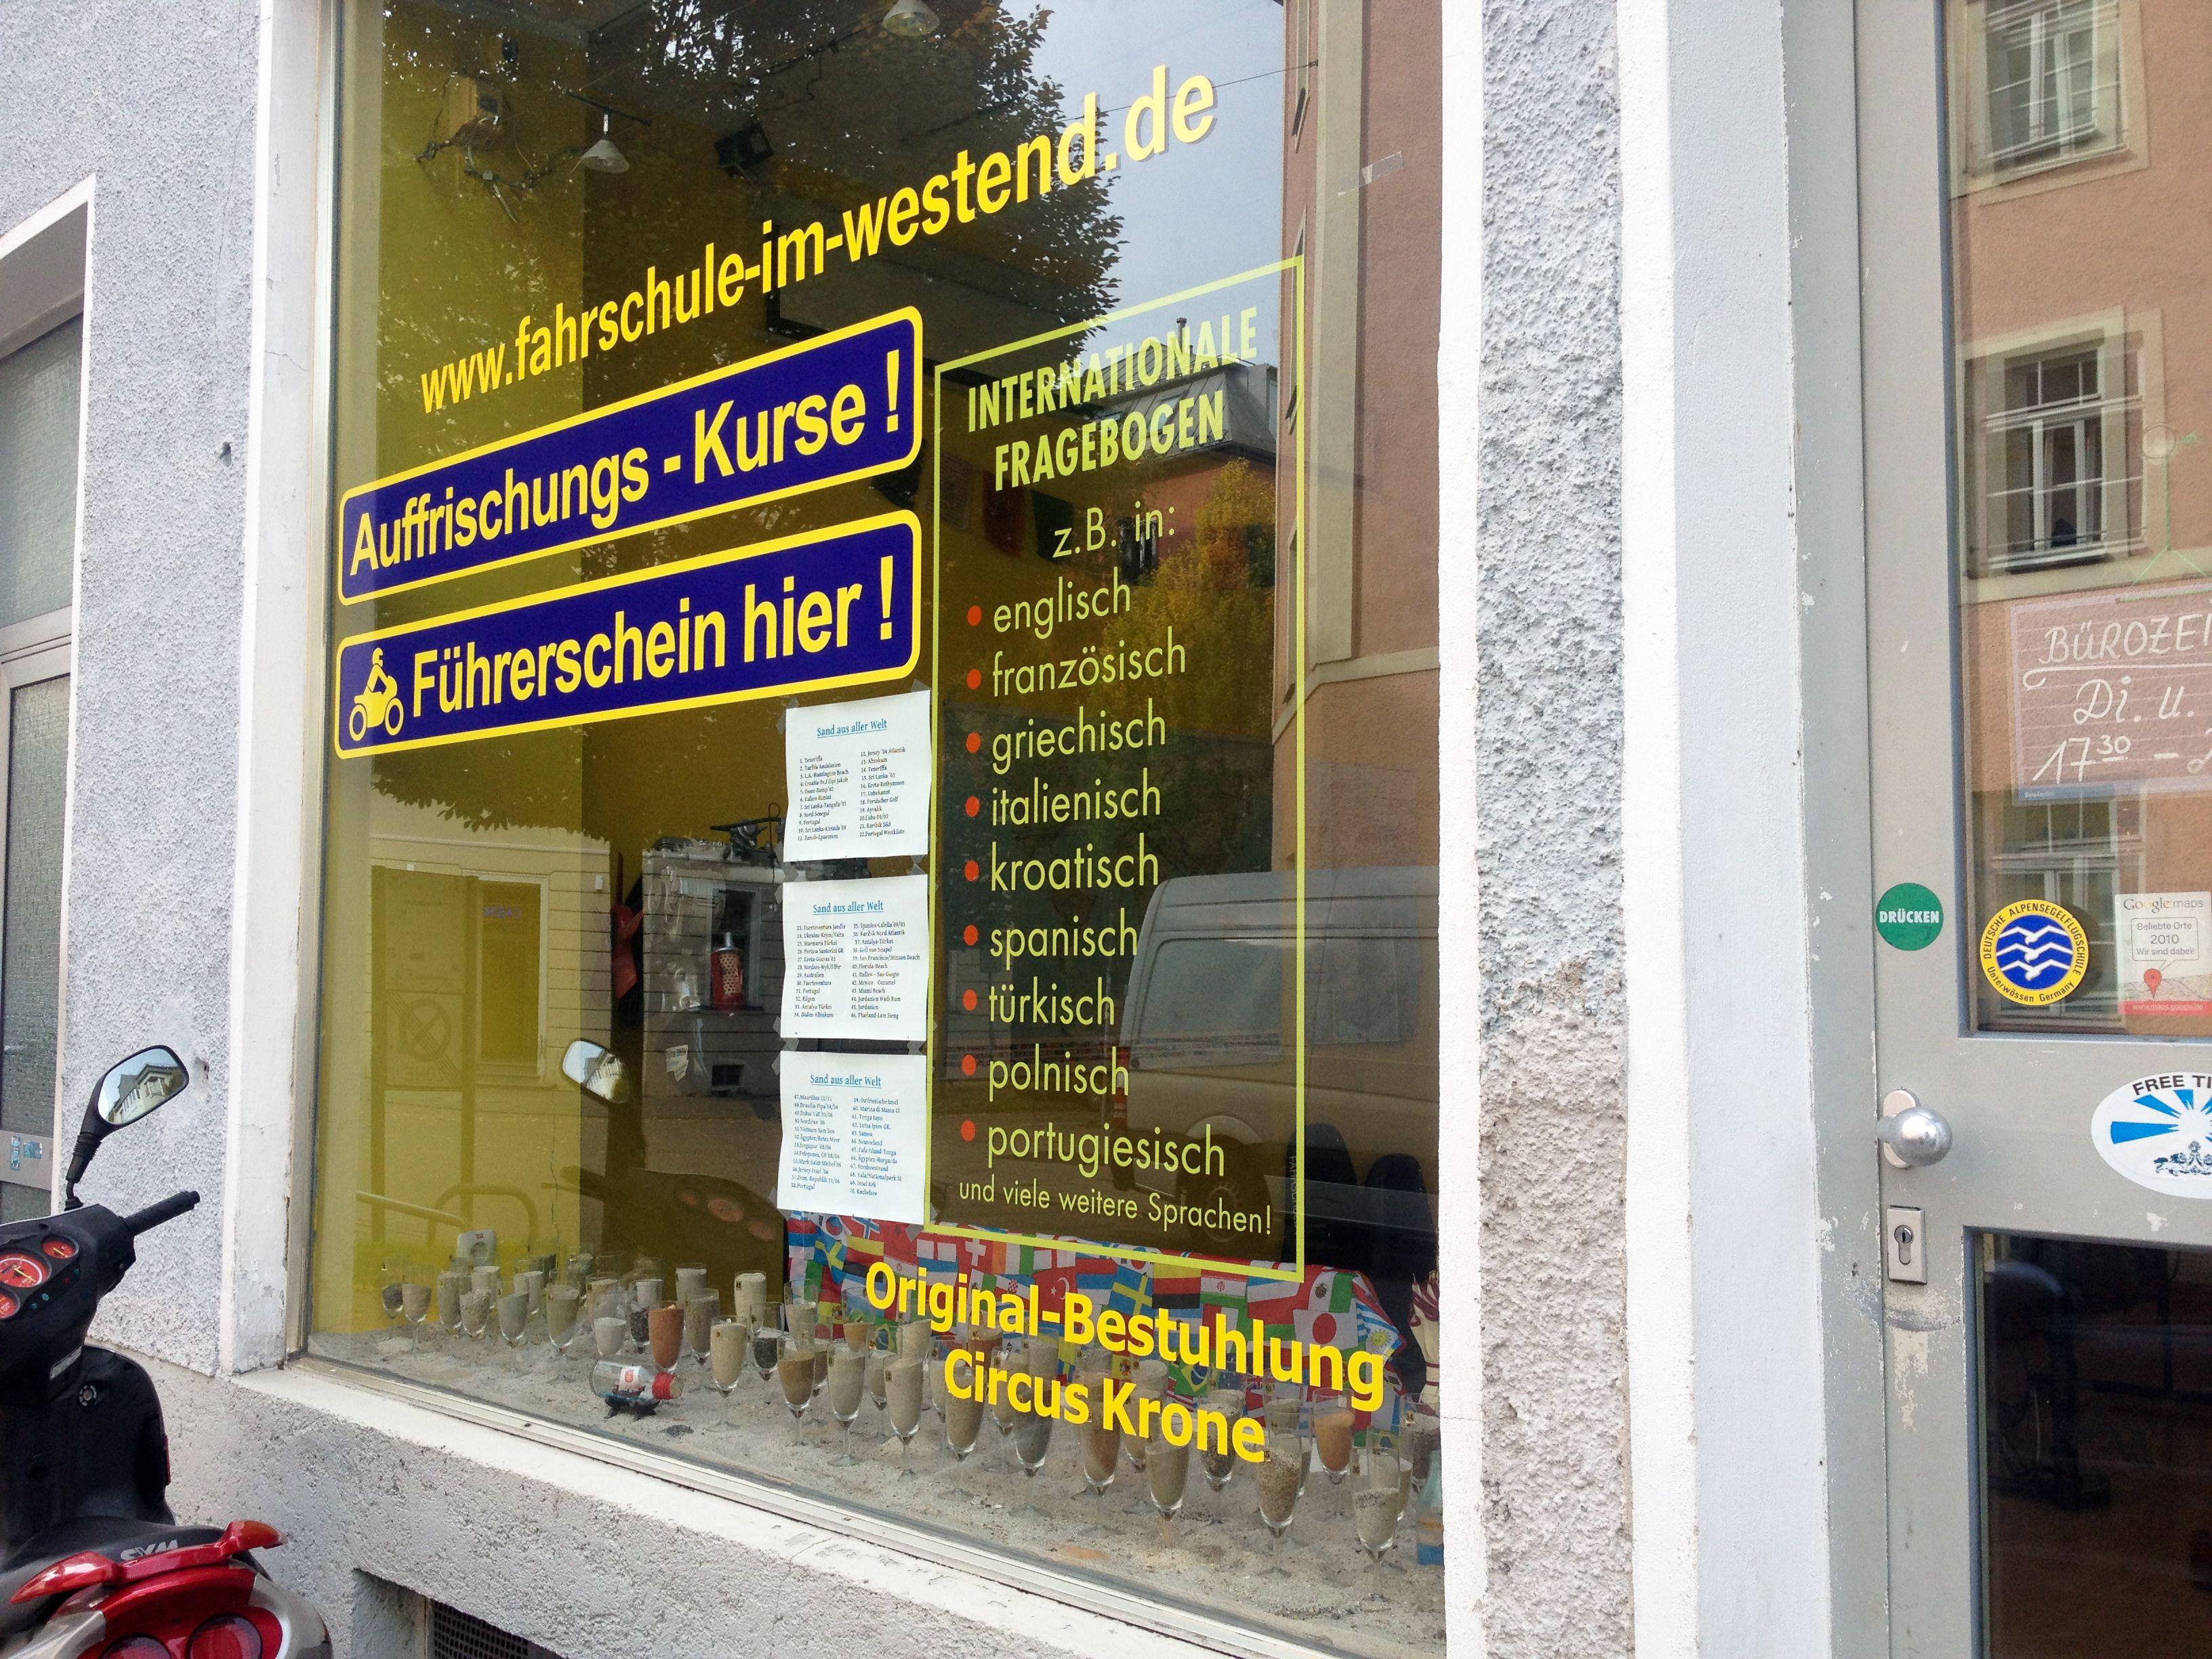 Fahrschule in der Tulbeckstraße. Legendäres Schaufenster mit Sand aus aller Welt.  www.fahrschule-im-westend.de/